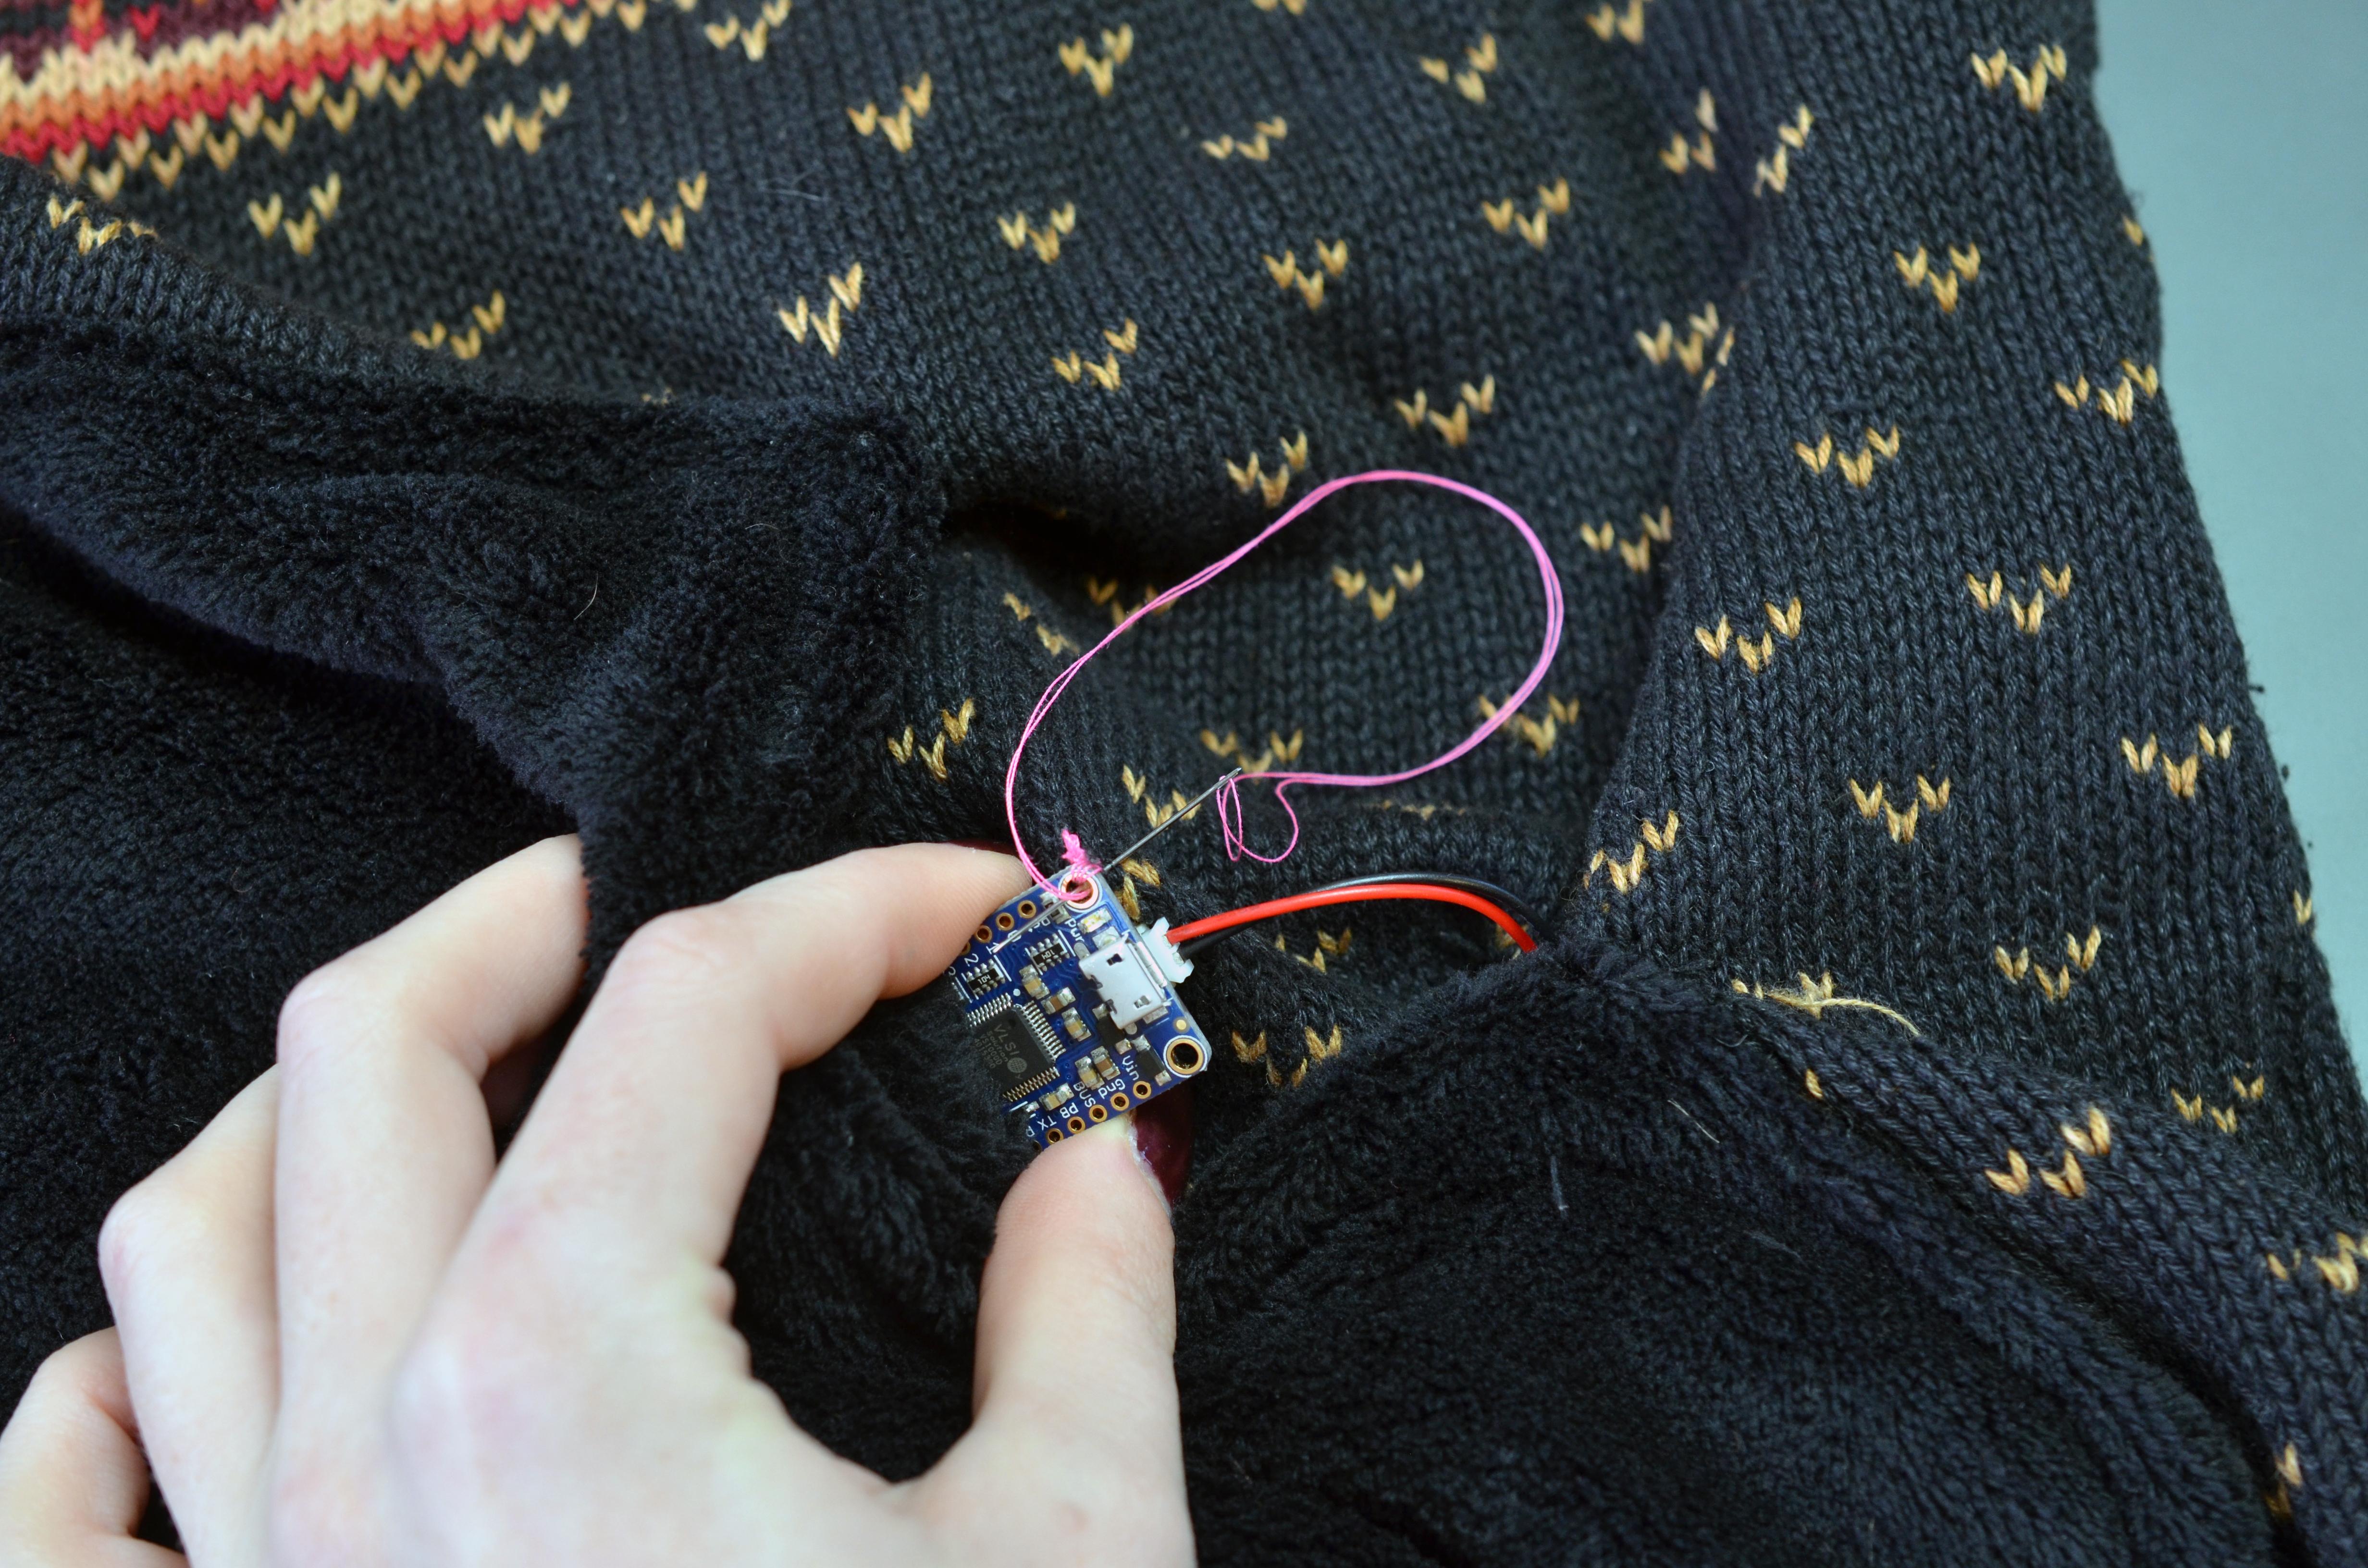 adafruit_products_lous-xmas-sweater-circuit-12.jpg